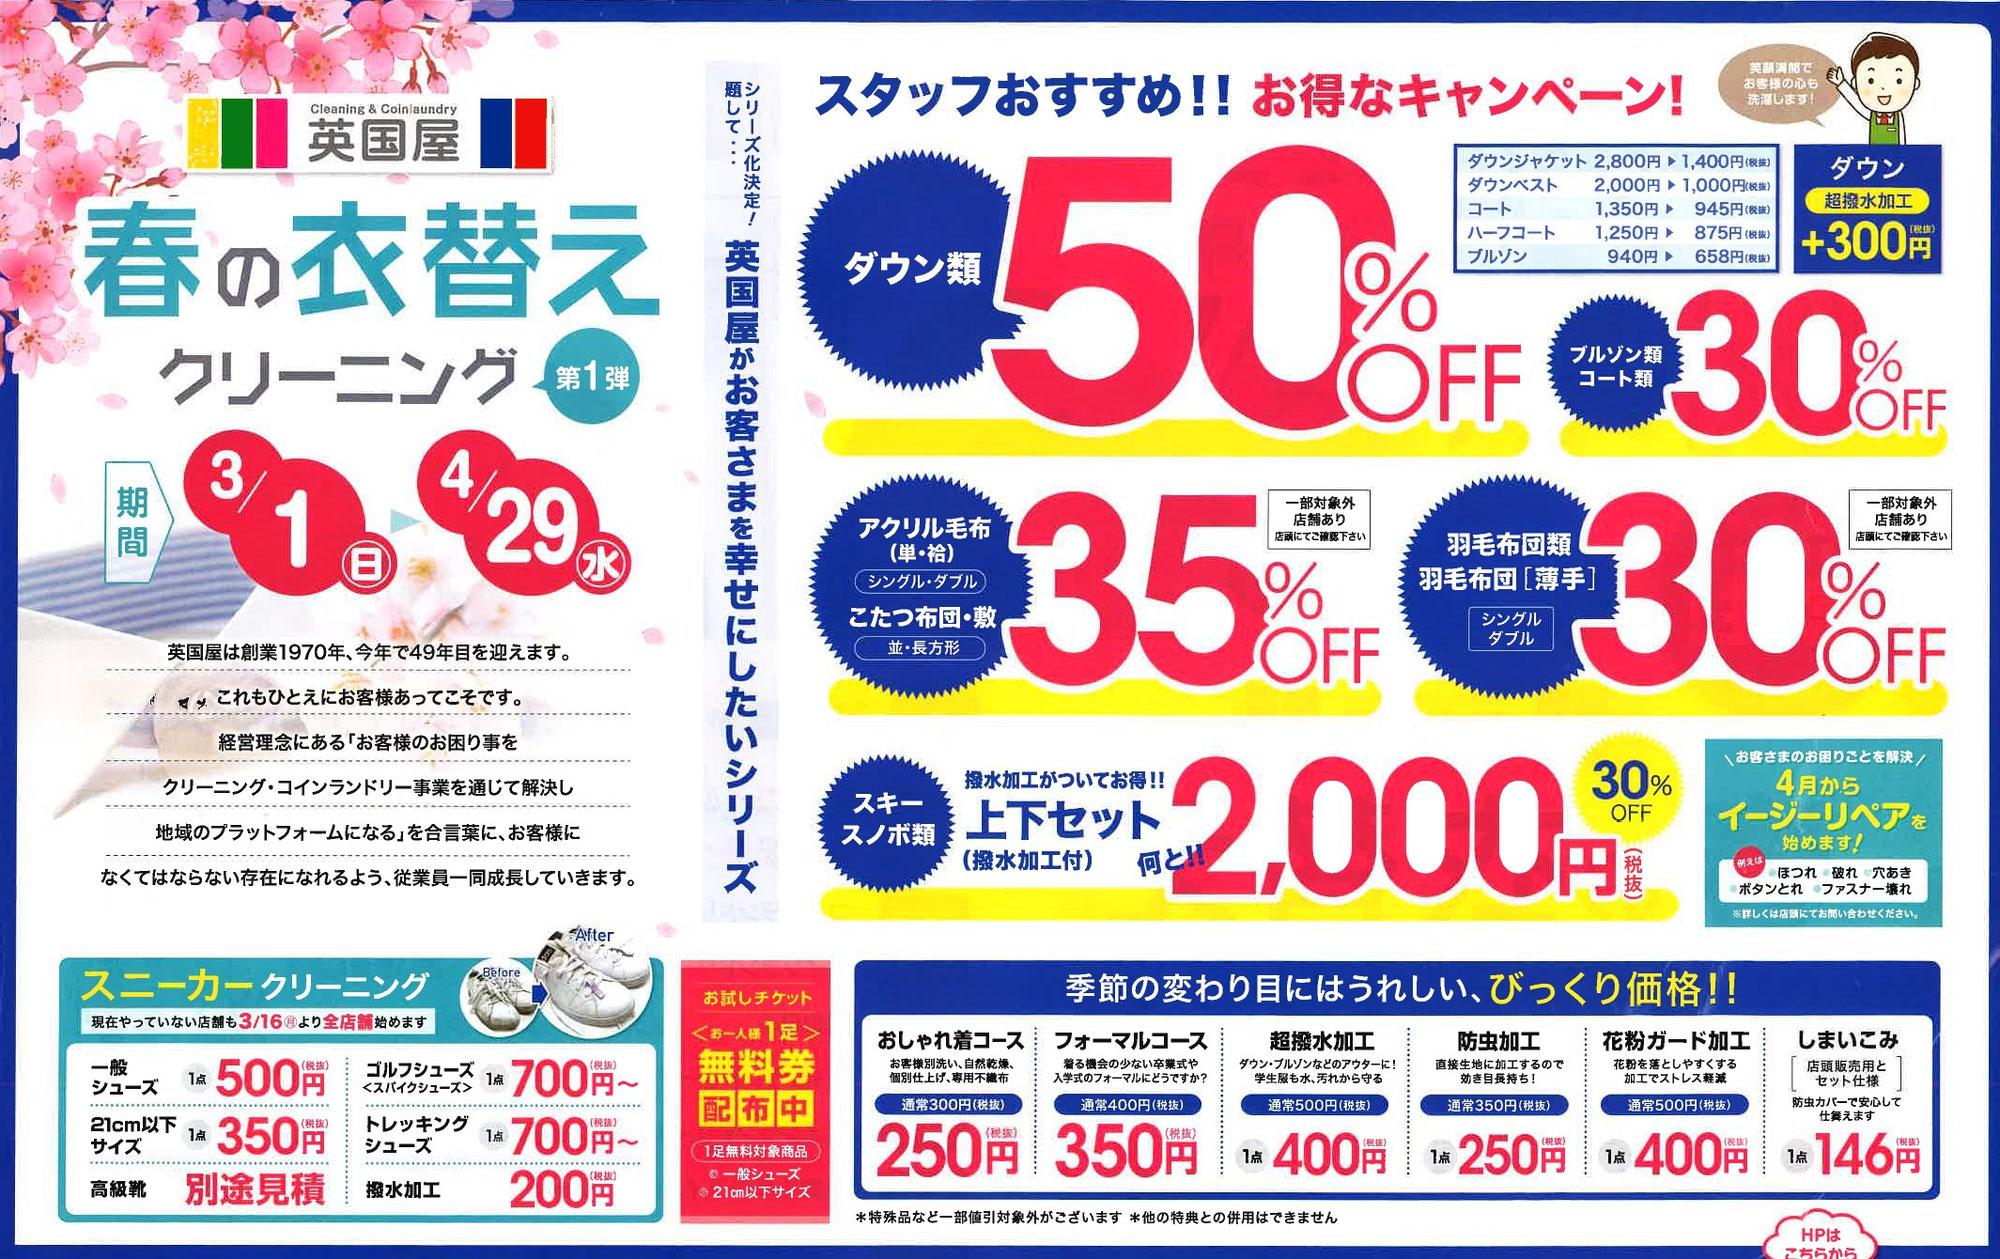 【1月24日〜31日】春物クリーニングが半額!